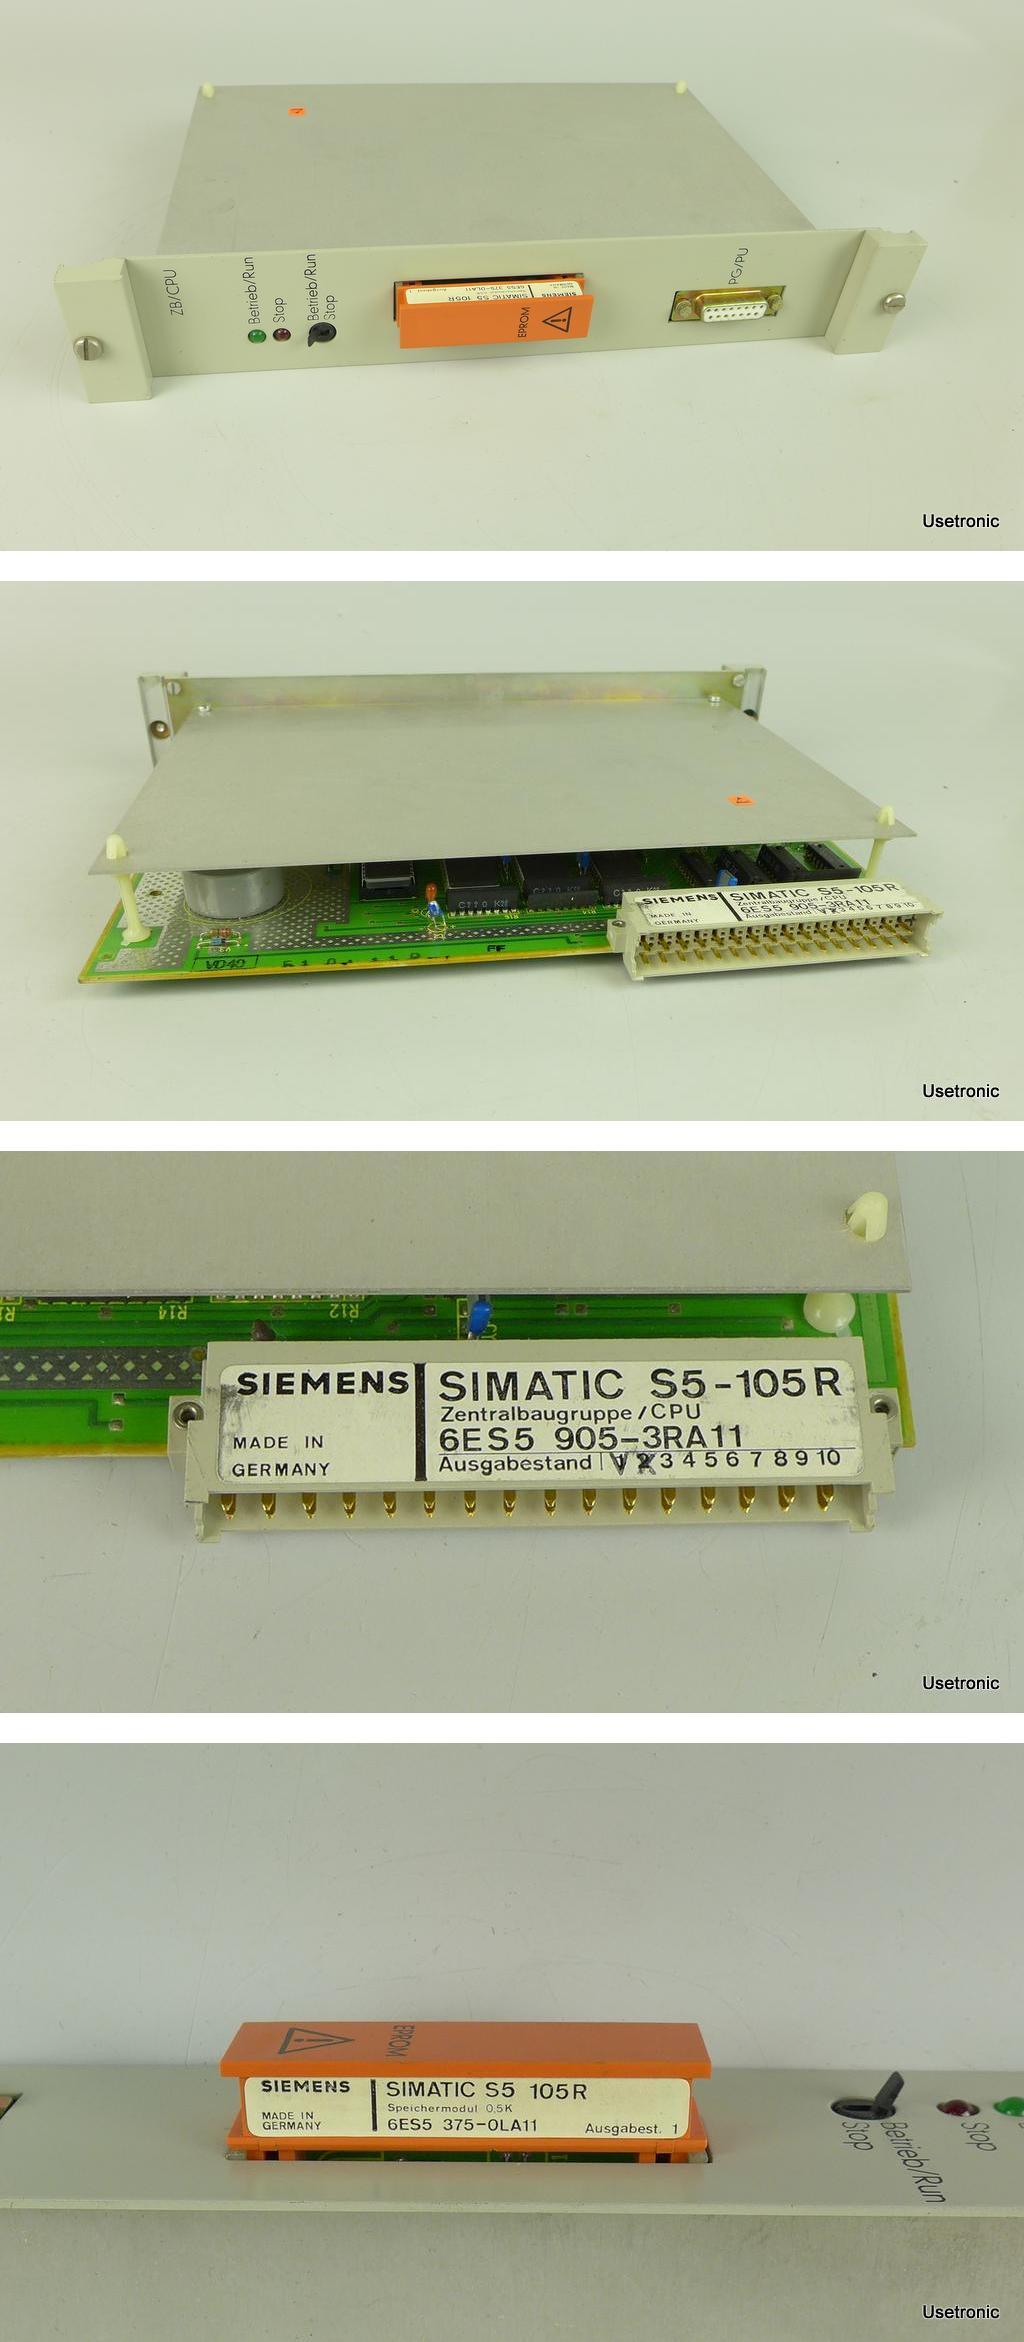 Siemens 6ES5905-3RA11